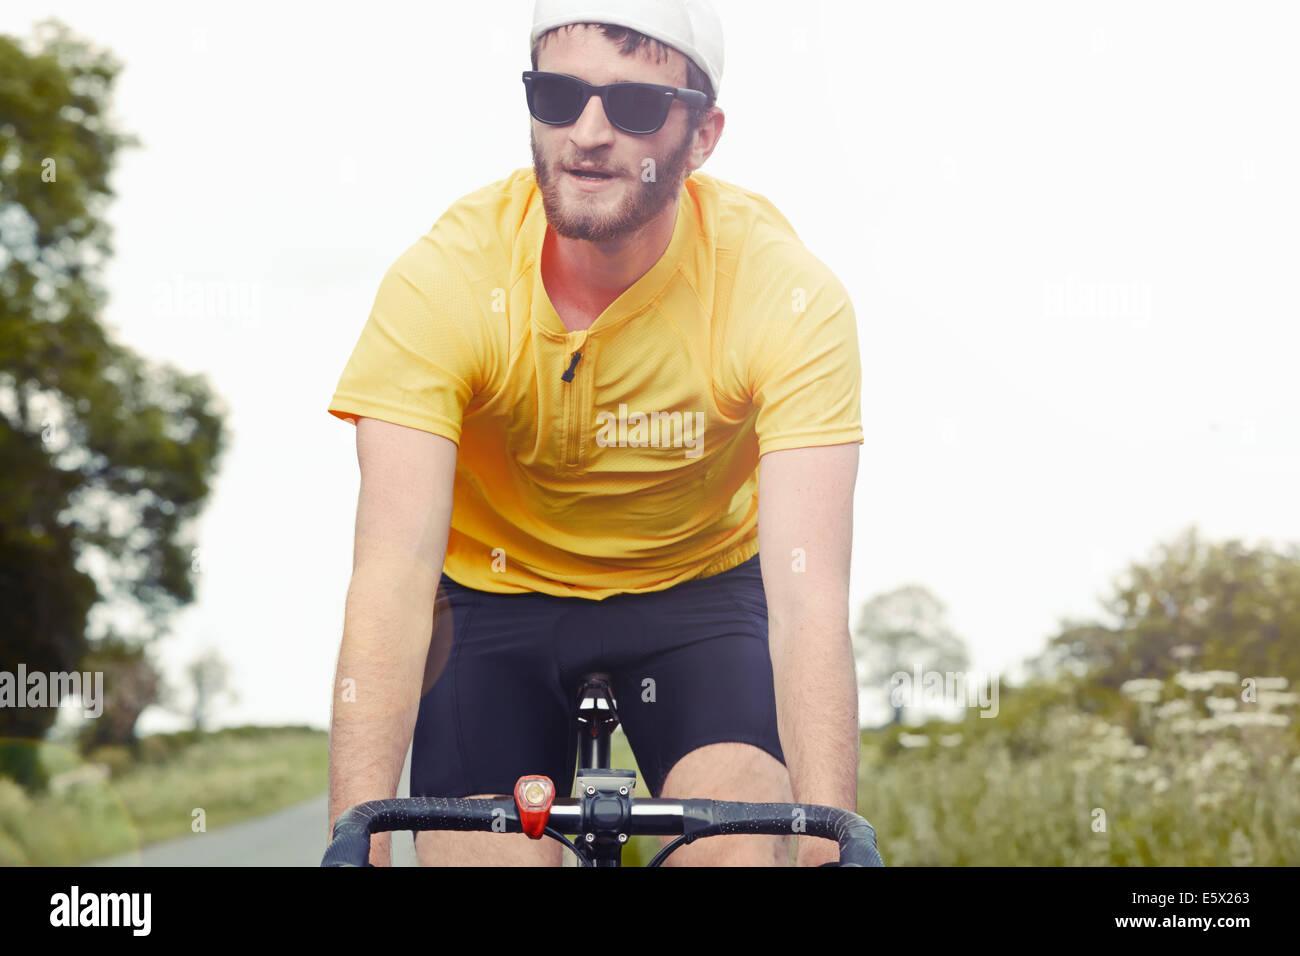 Ciclista en su bicicleta Imagen De Stock